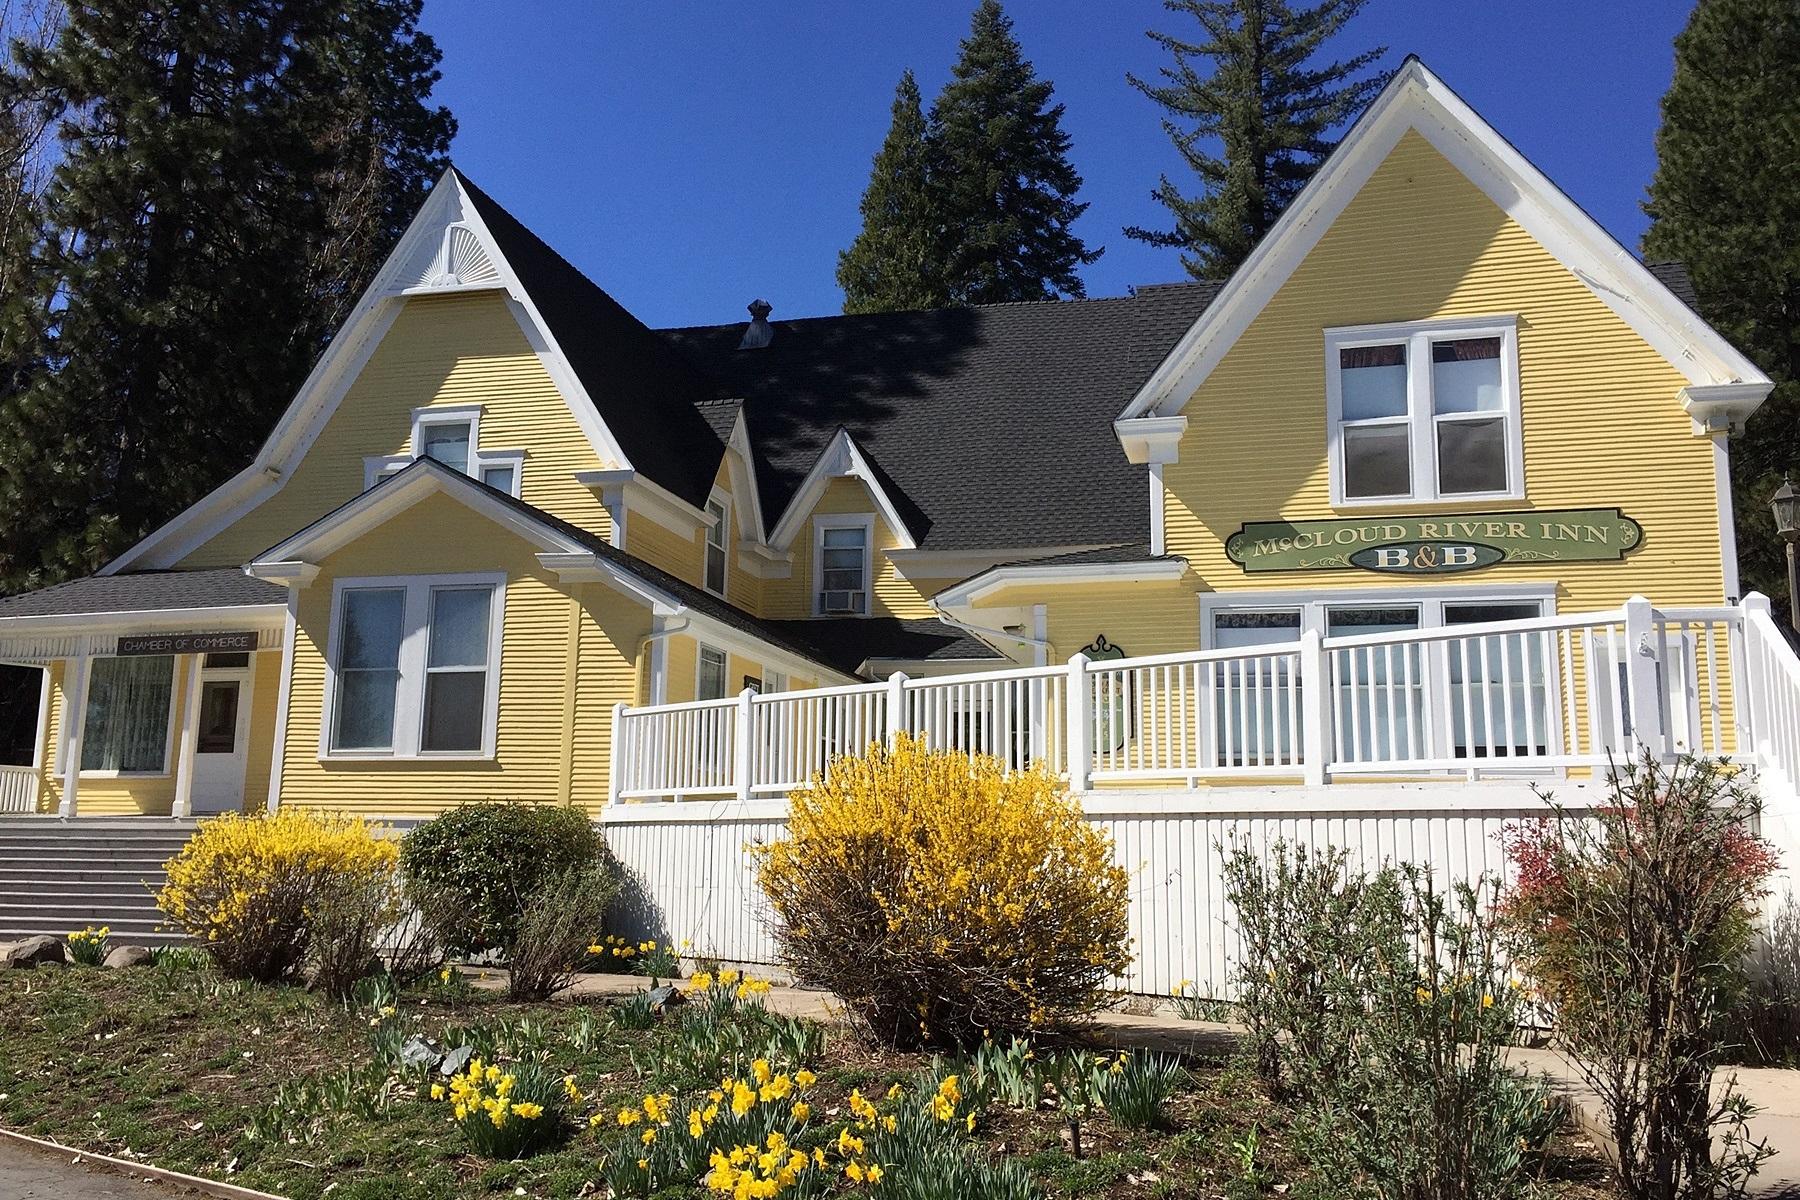 Einfamilienhaus für Verkauf beim McCloud River Inn Bed & Breakfast 325 Lawndale Court McCloud, Kalifornien 96057 Vereinigte Staaten